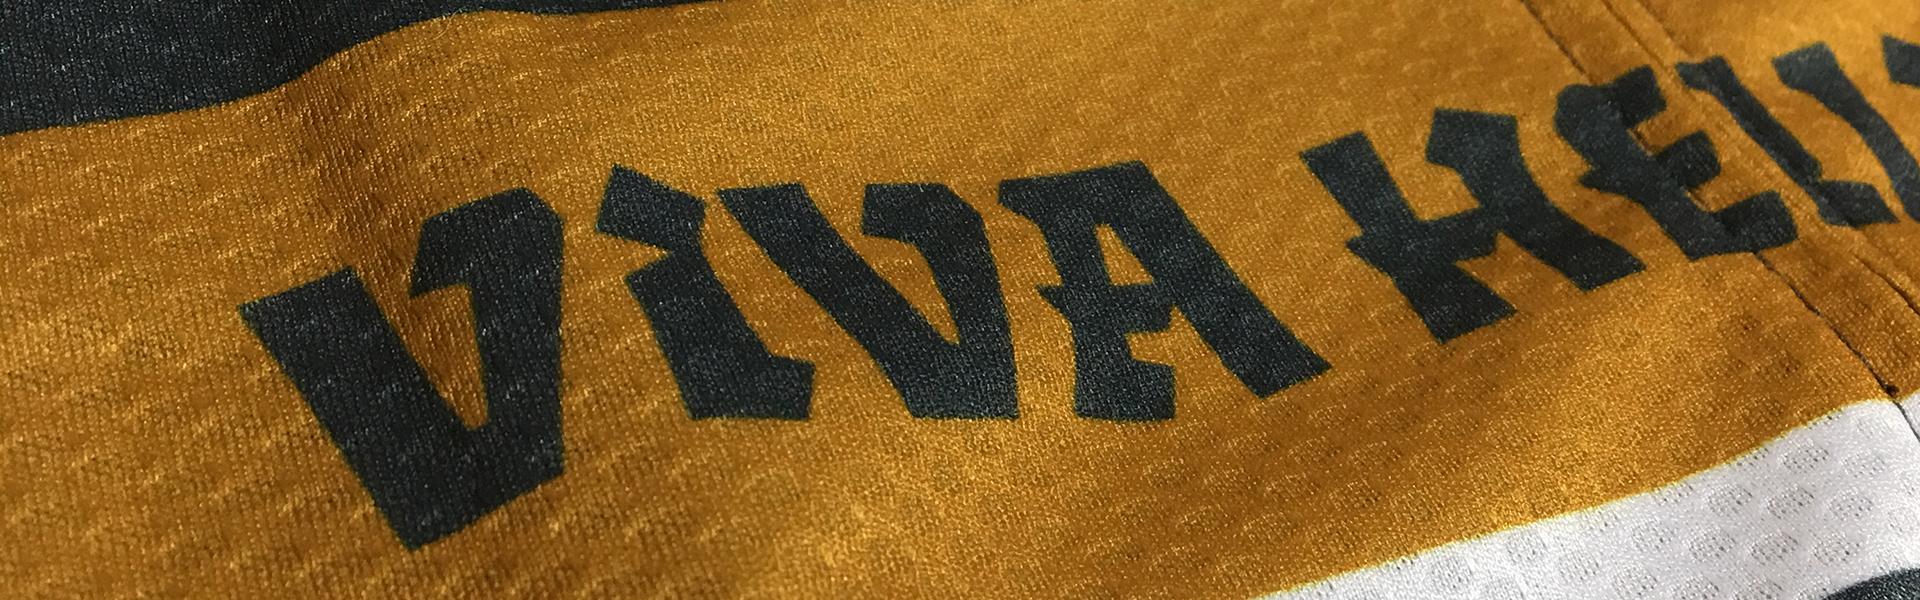 1920x600-jersey-01.jpg